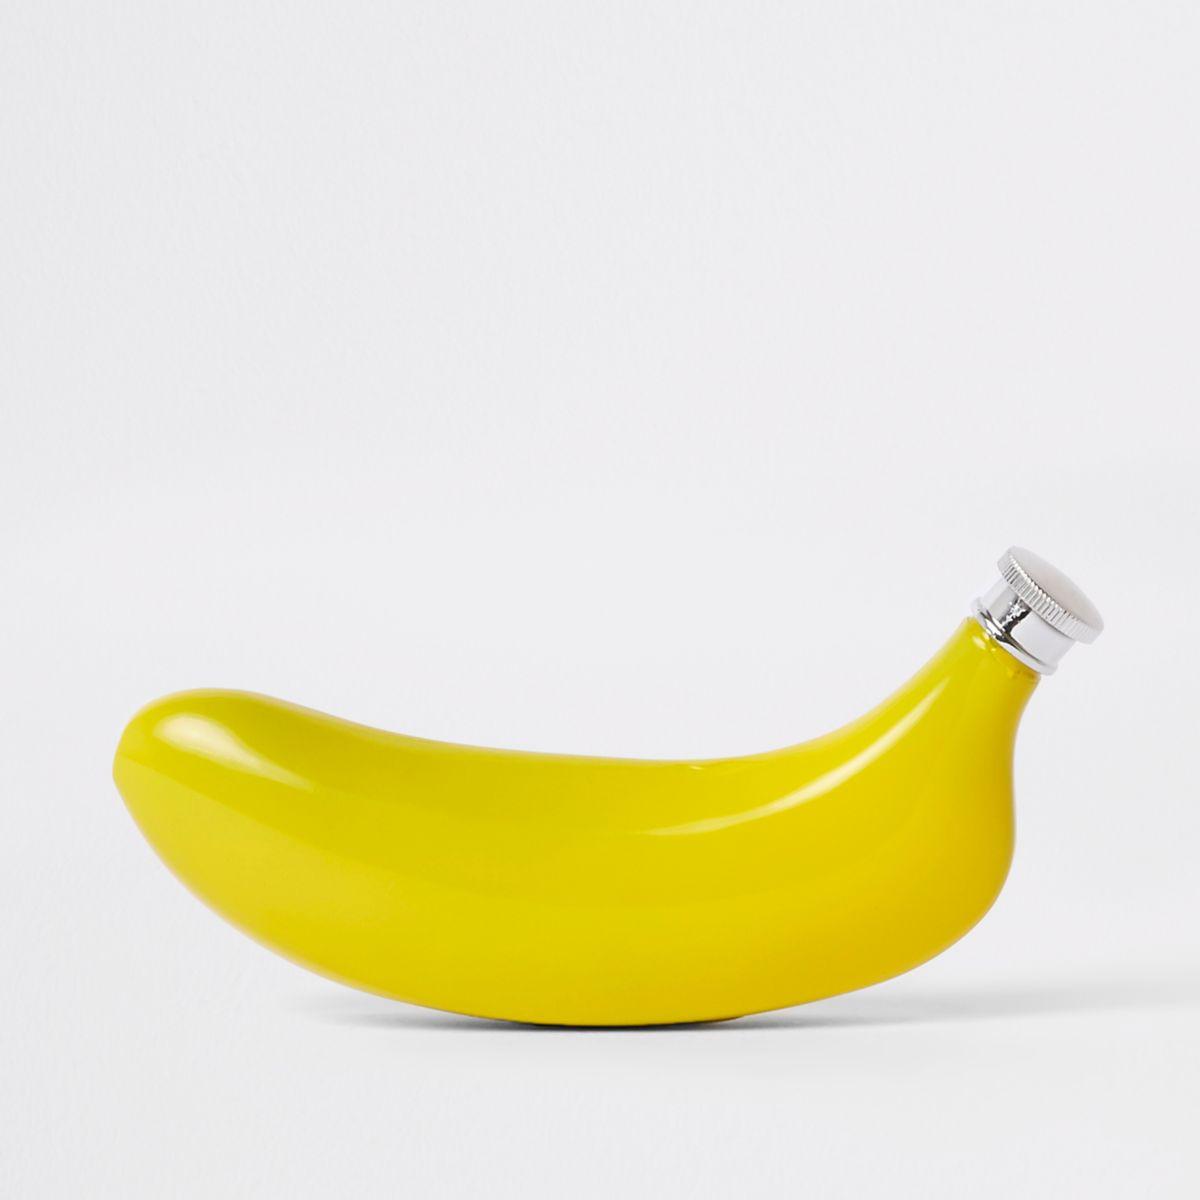 Gele banaan heupflacon